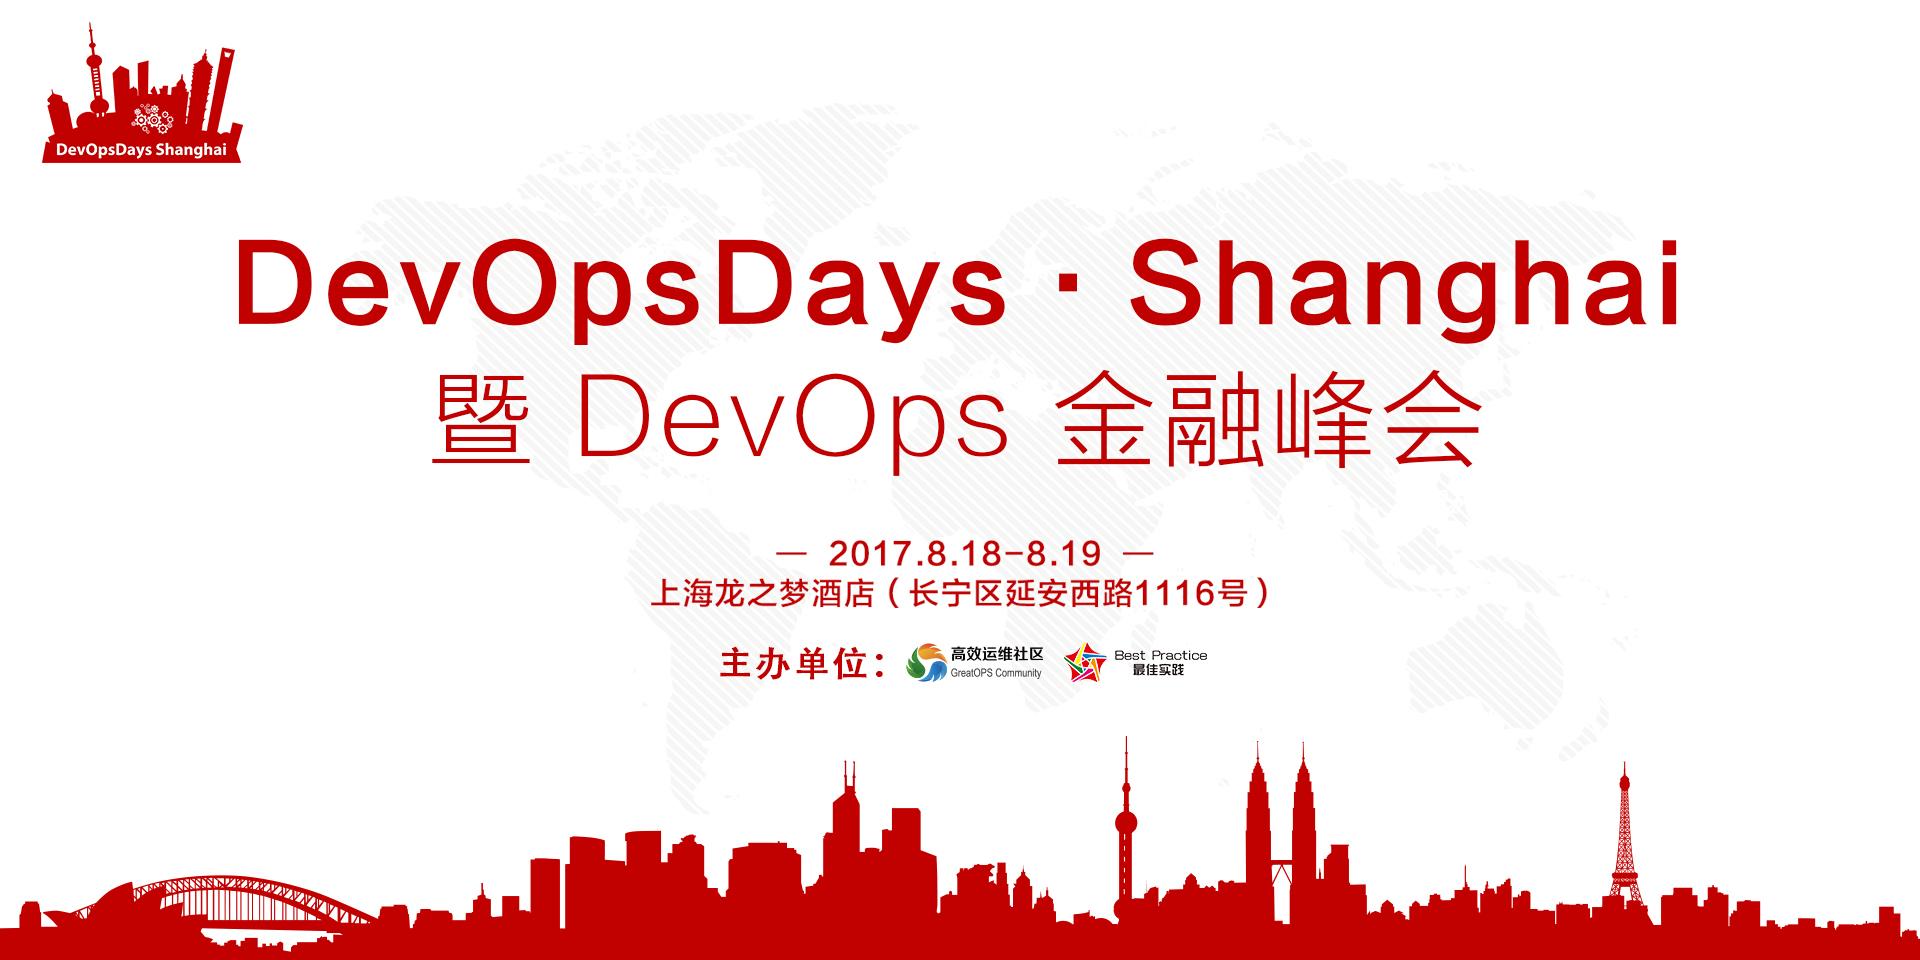 DevOpsDays Shanghai 2017